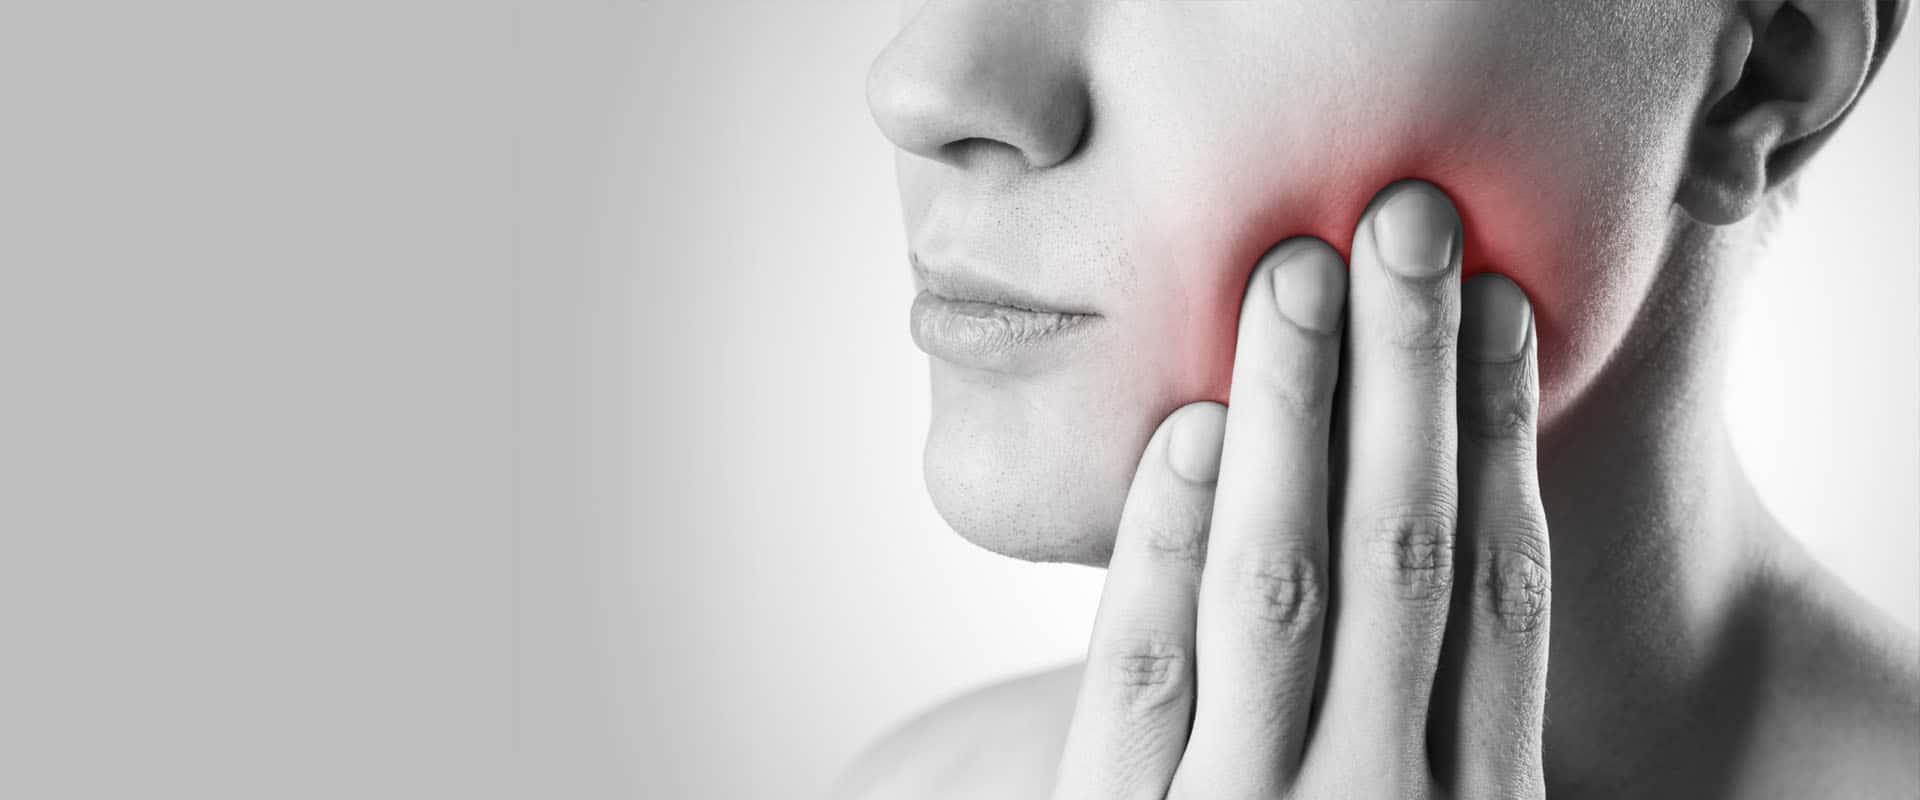 Как быстро снять боль в домашних условиях, если болит зуб? 78